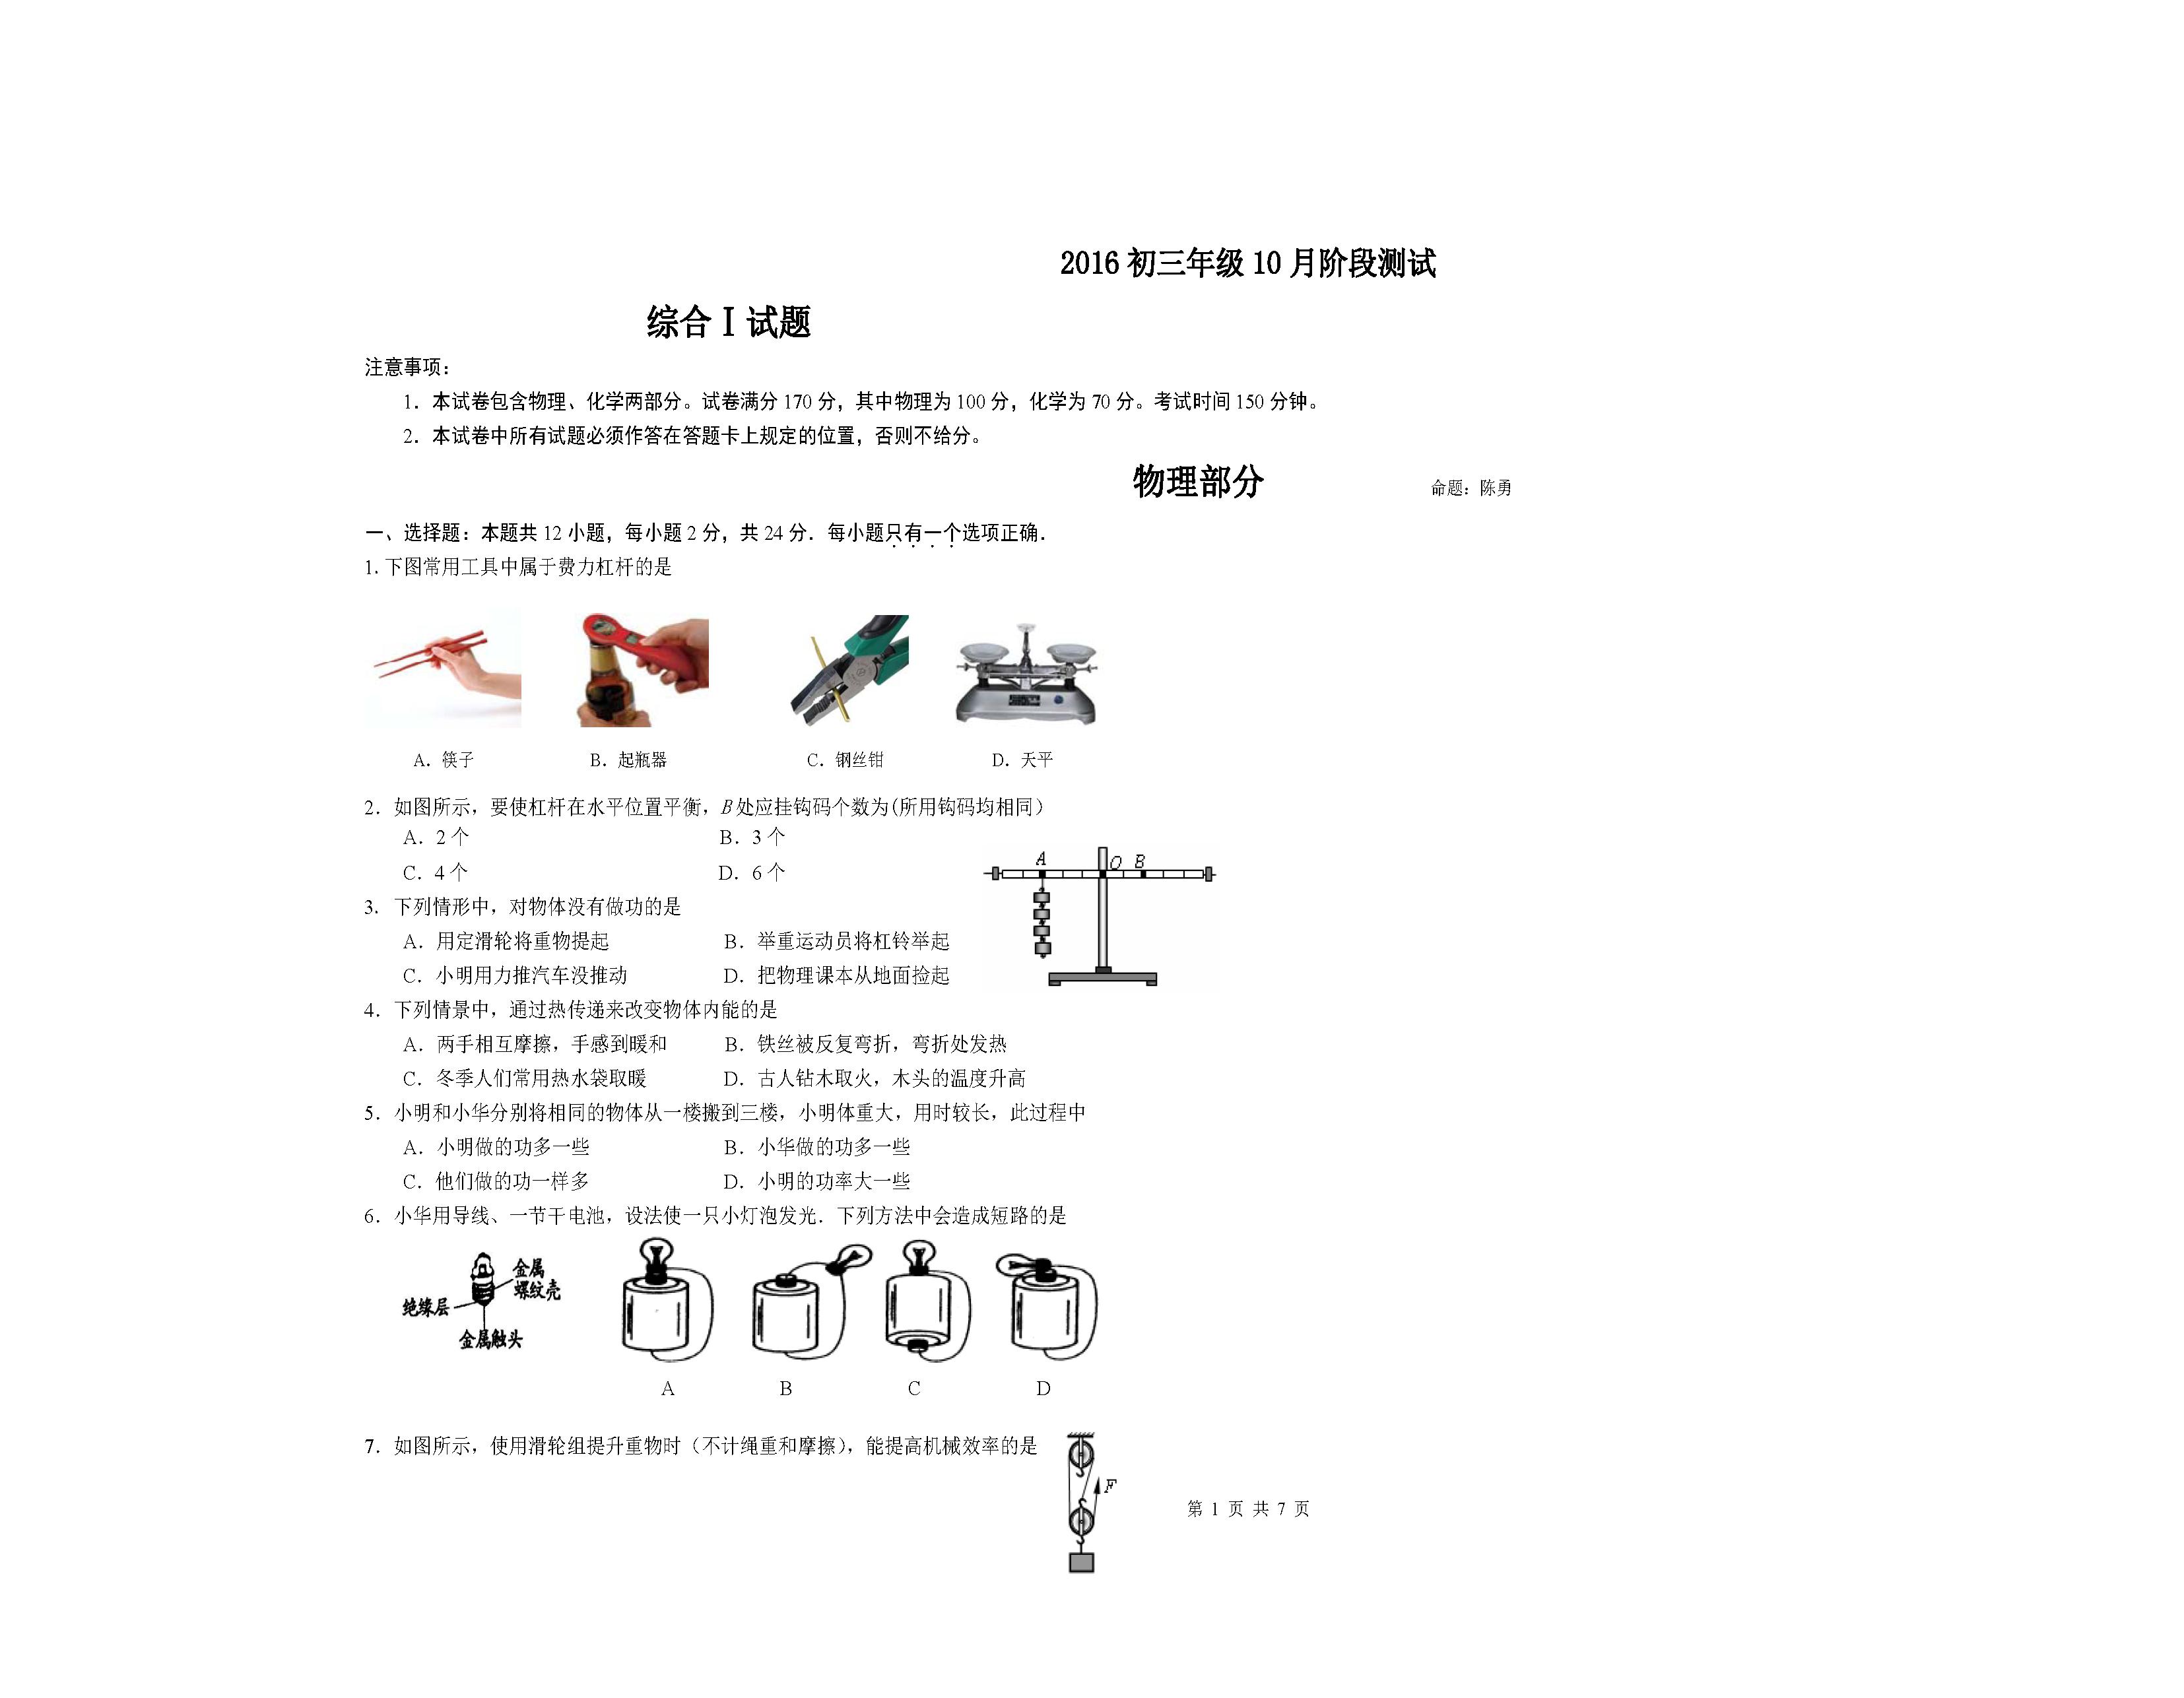 江苏东台实验中学2018九年级10月月考物理试题(图片版)